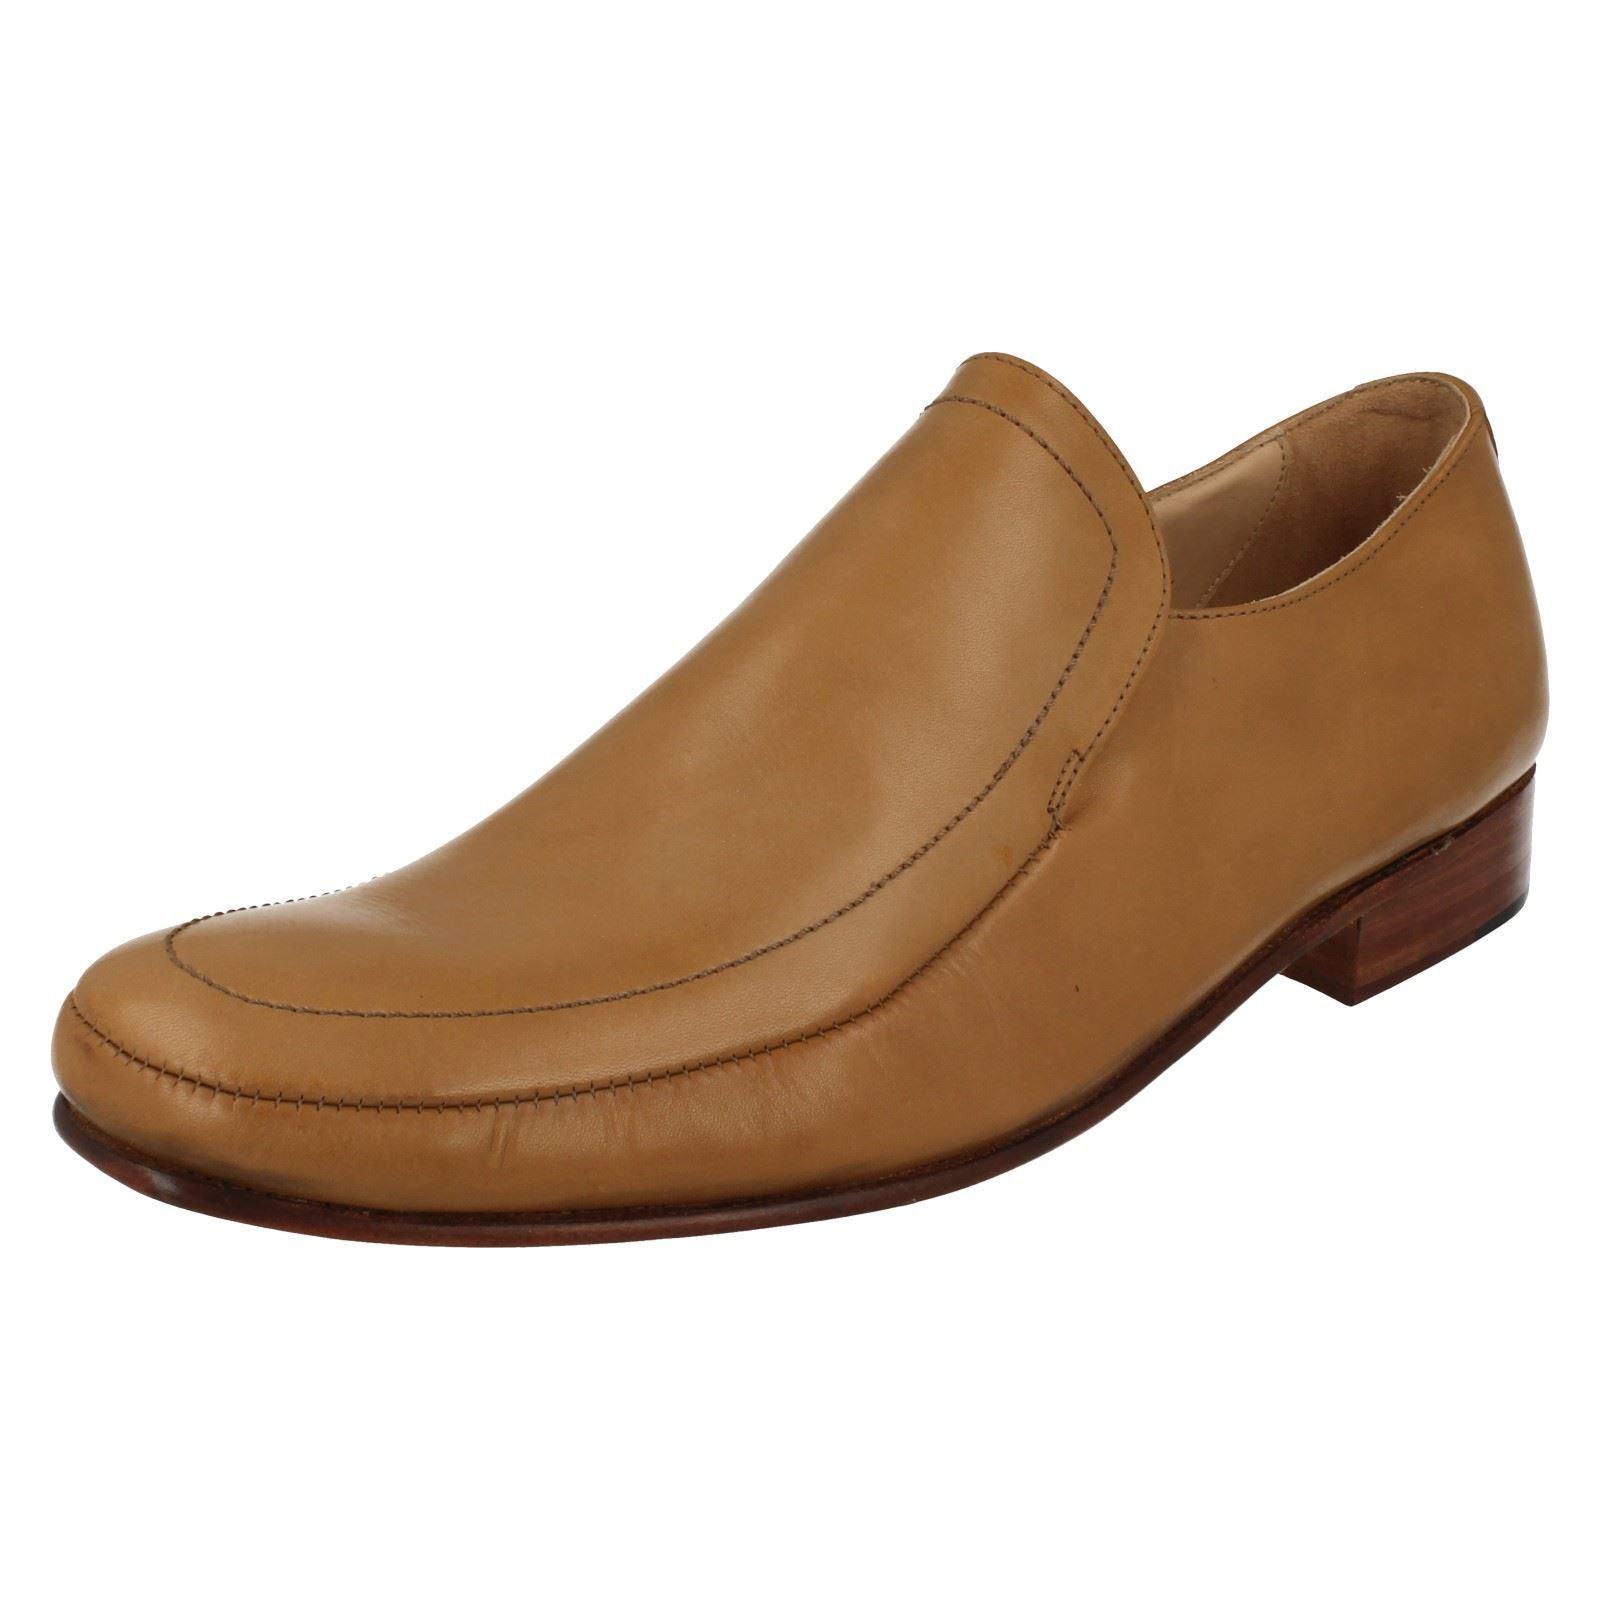 Herren Leder Slipper Grenson Schuhe in hellbraun Style dakota